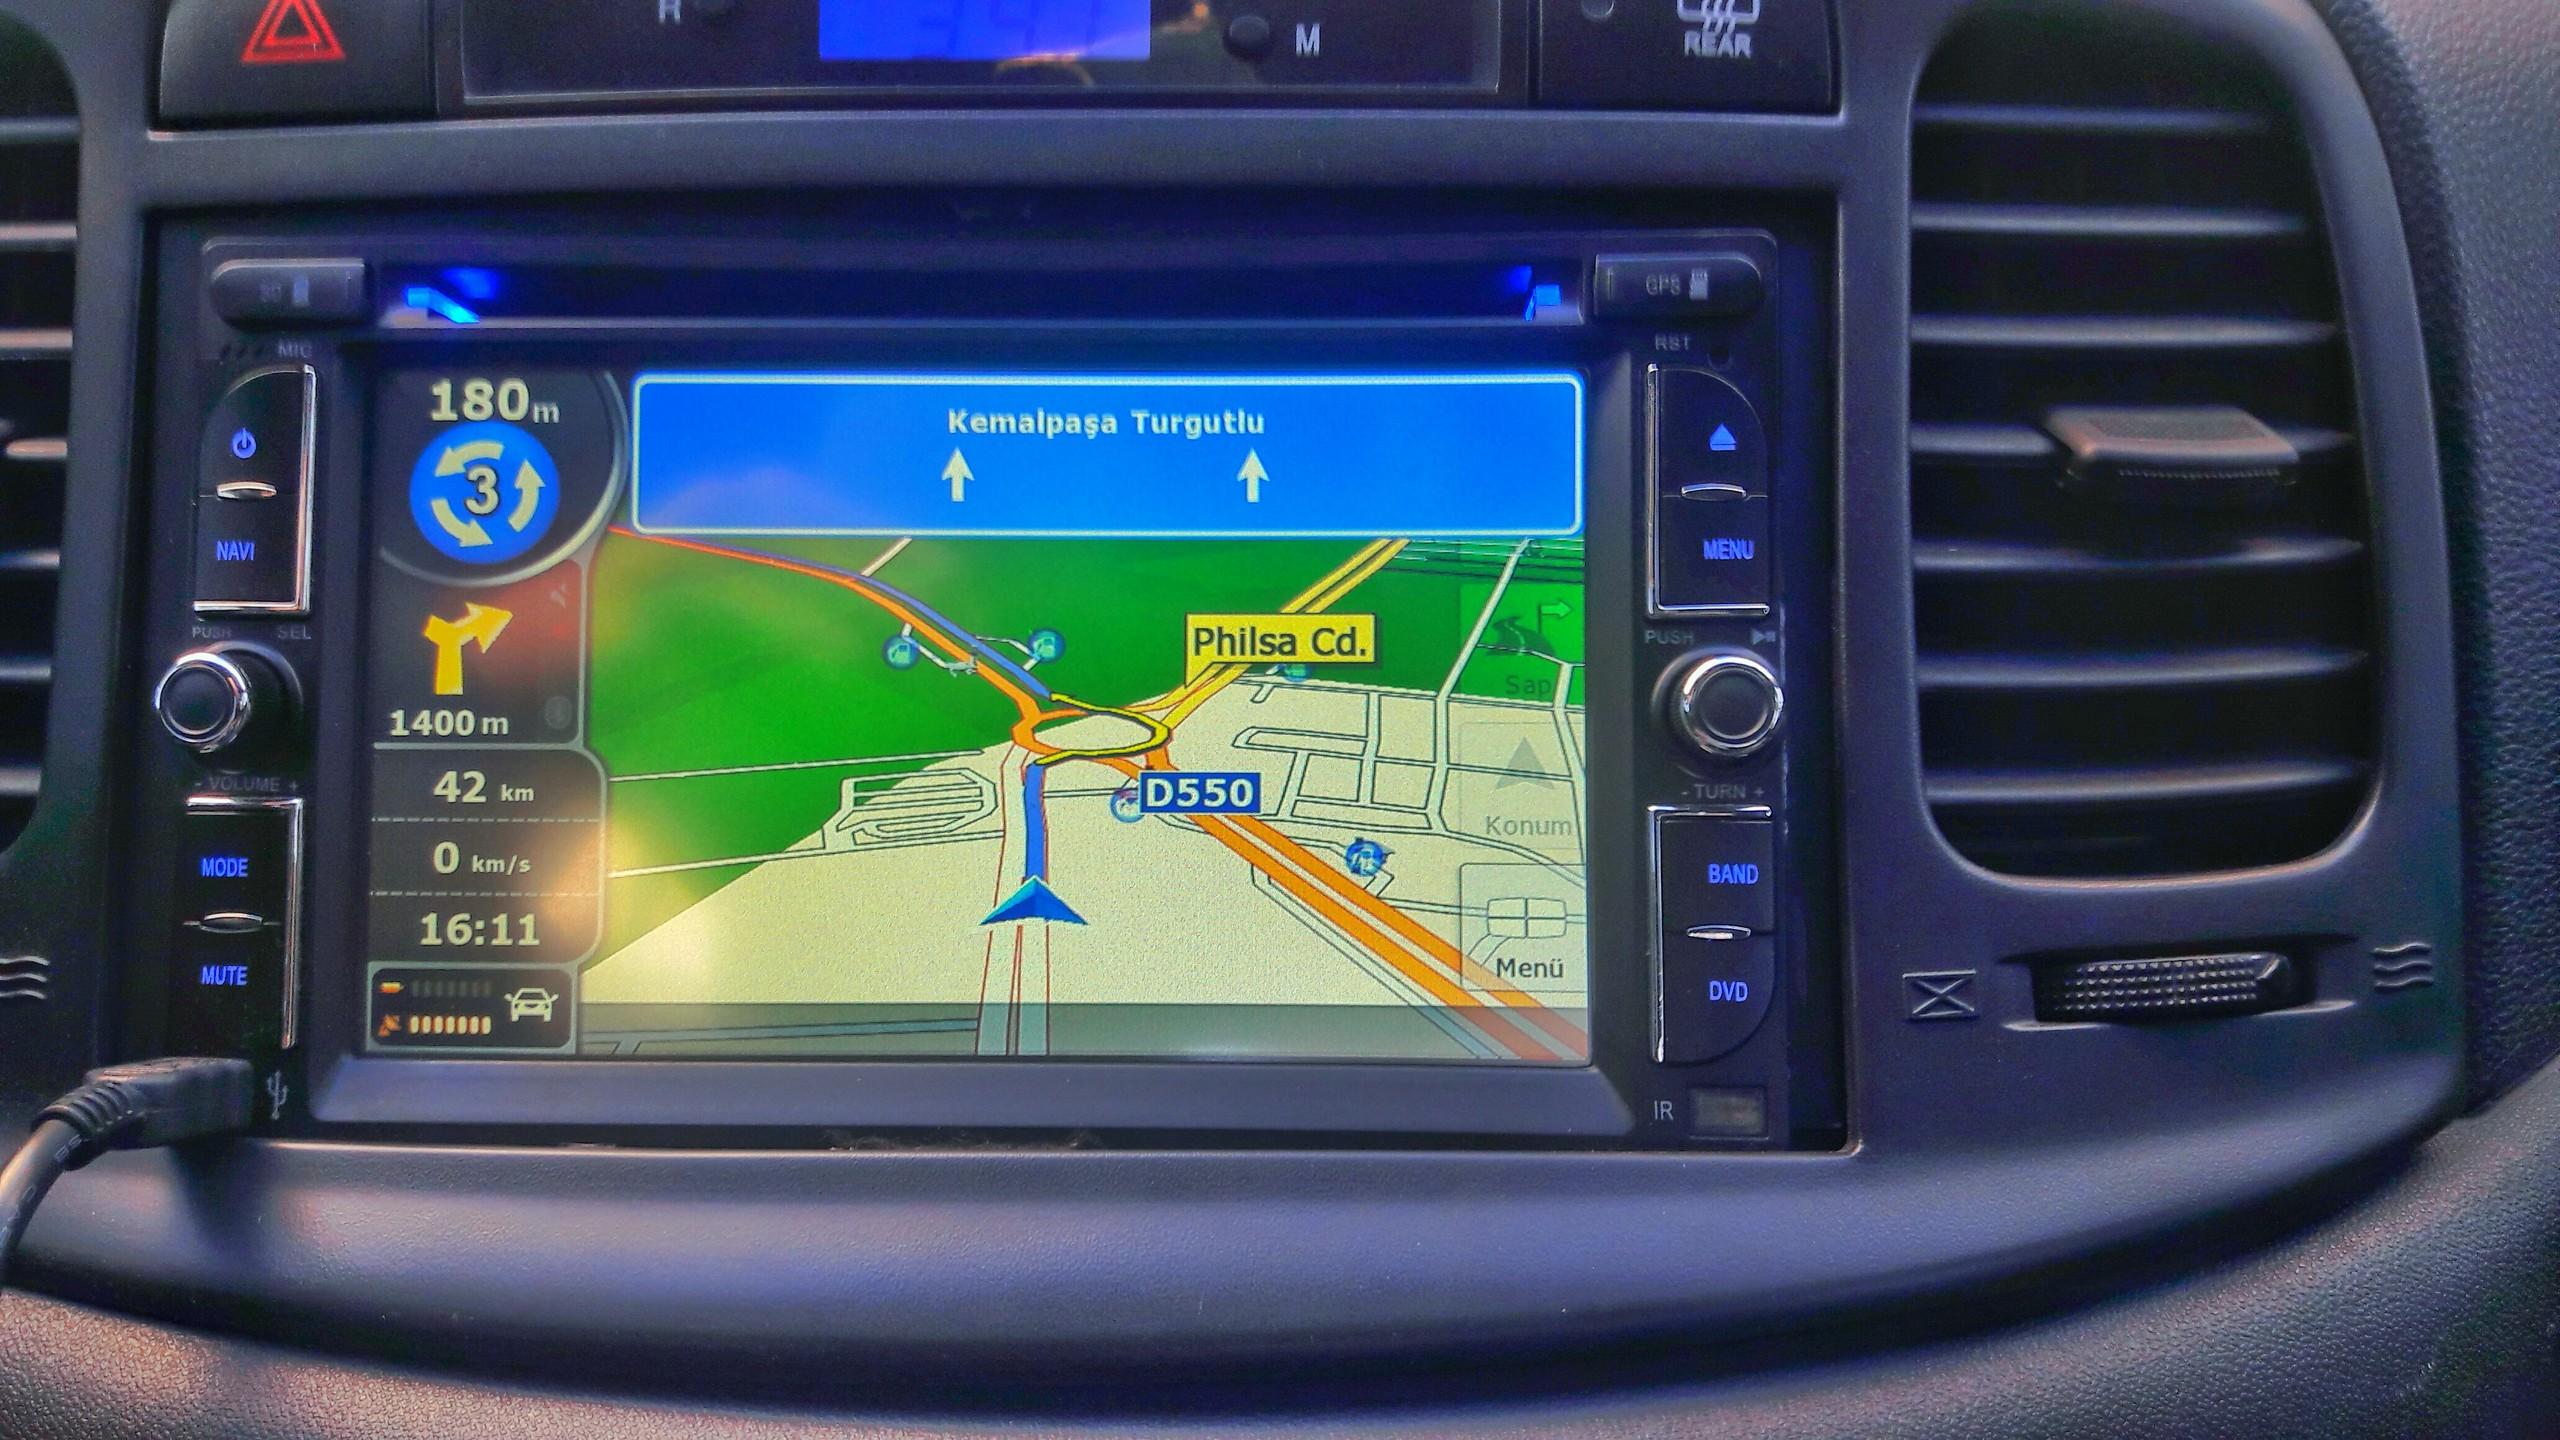 7v08Lm - Arac�ma navigasyon cihaz� almak istiyorum. Ne �nerirsiniz?